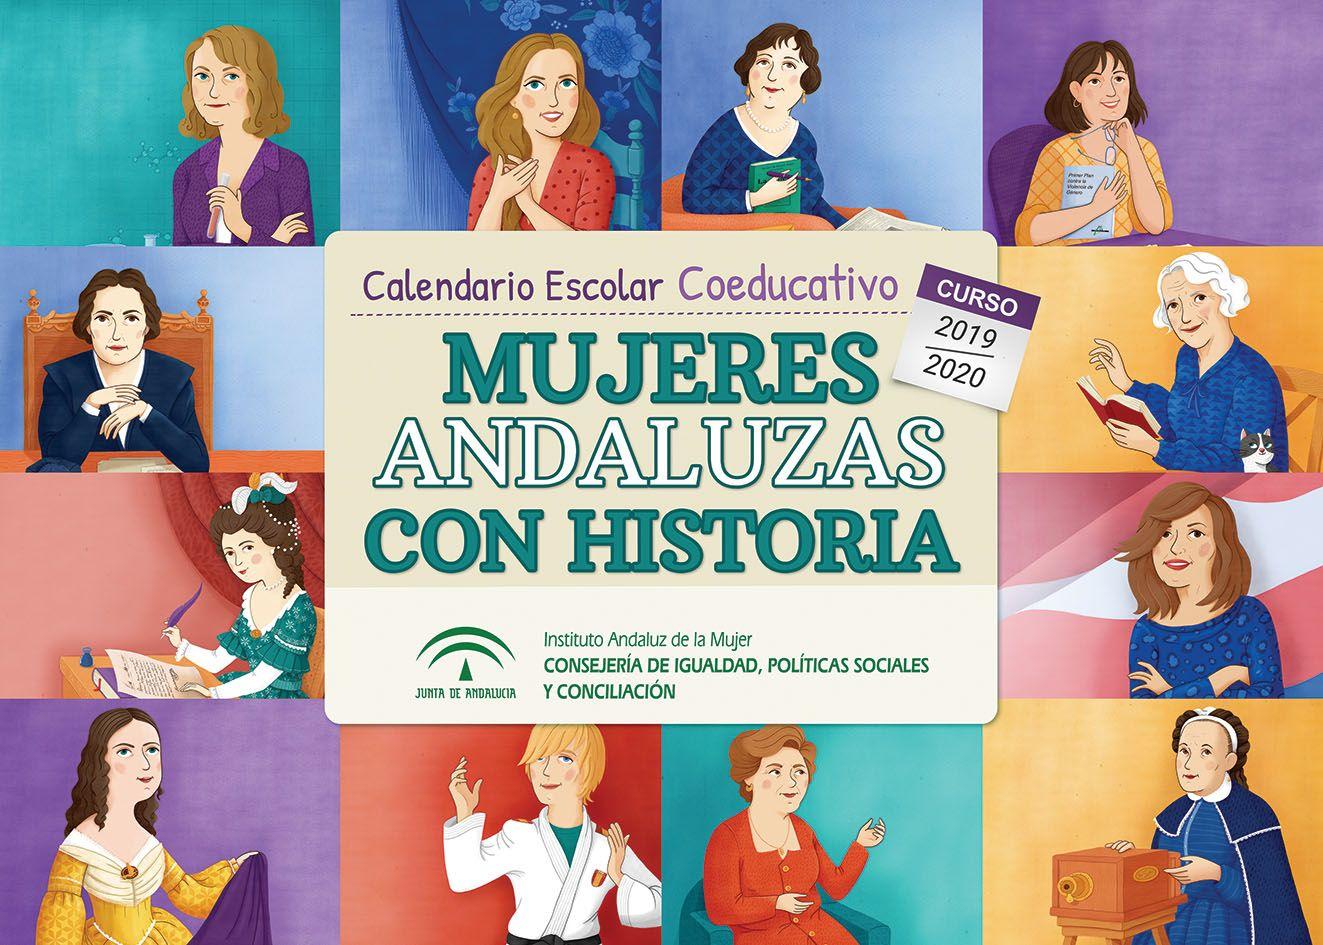 Doce mujeres andaluzas referentes en distintos ámbitos, protagonizan el calendario coeducativo del Instituto Andaluz de la Mujer para este curso